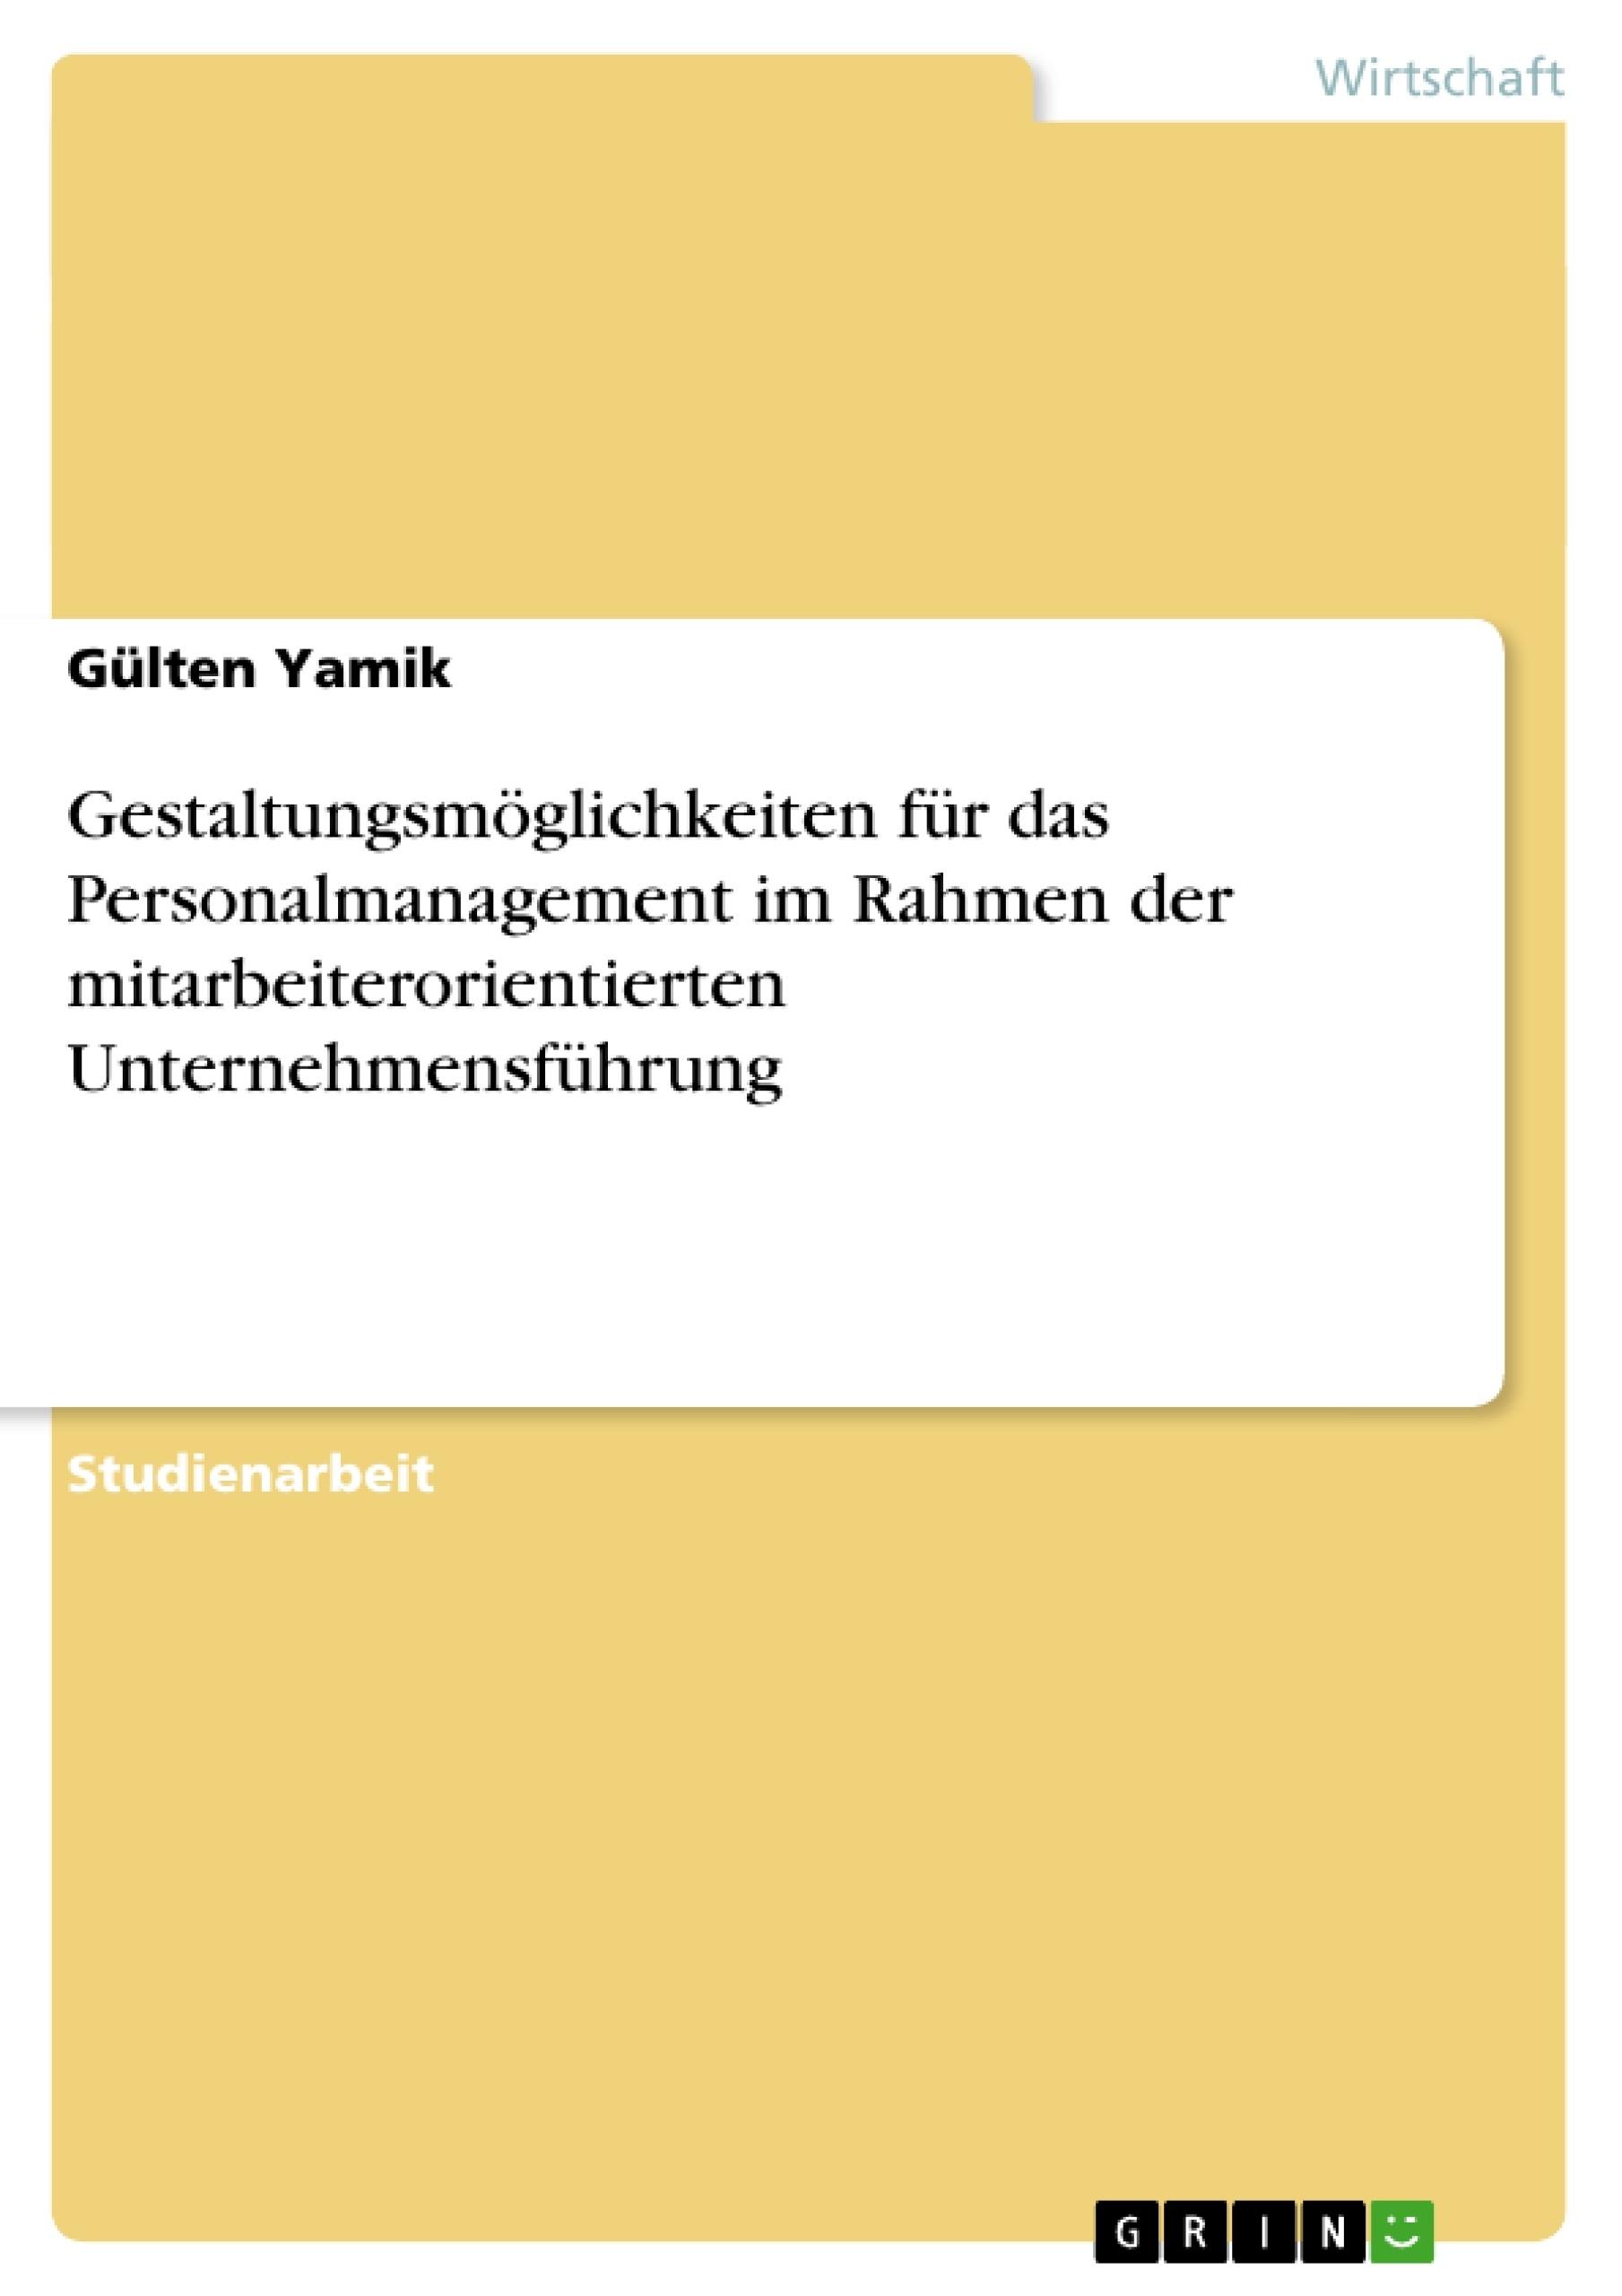 Titel: Gestaltungsmöglichkeiten für das Personalmanagement im Rahmen der mitarbeiterorientierten Unternehmensführung